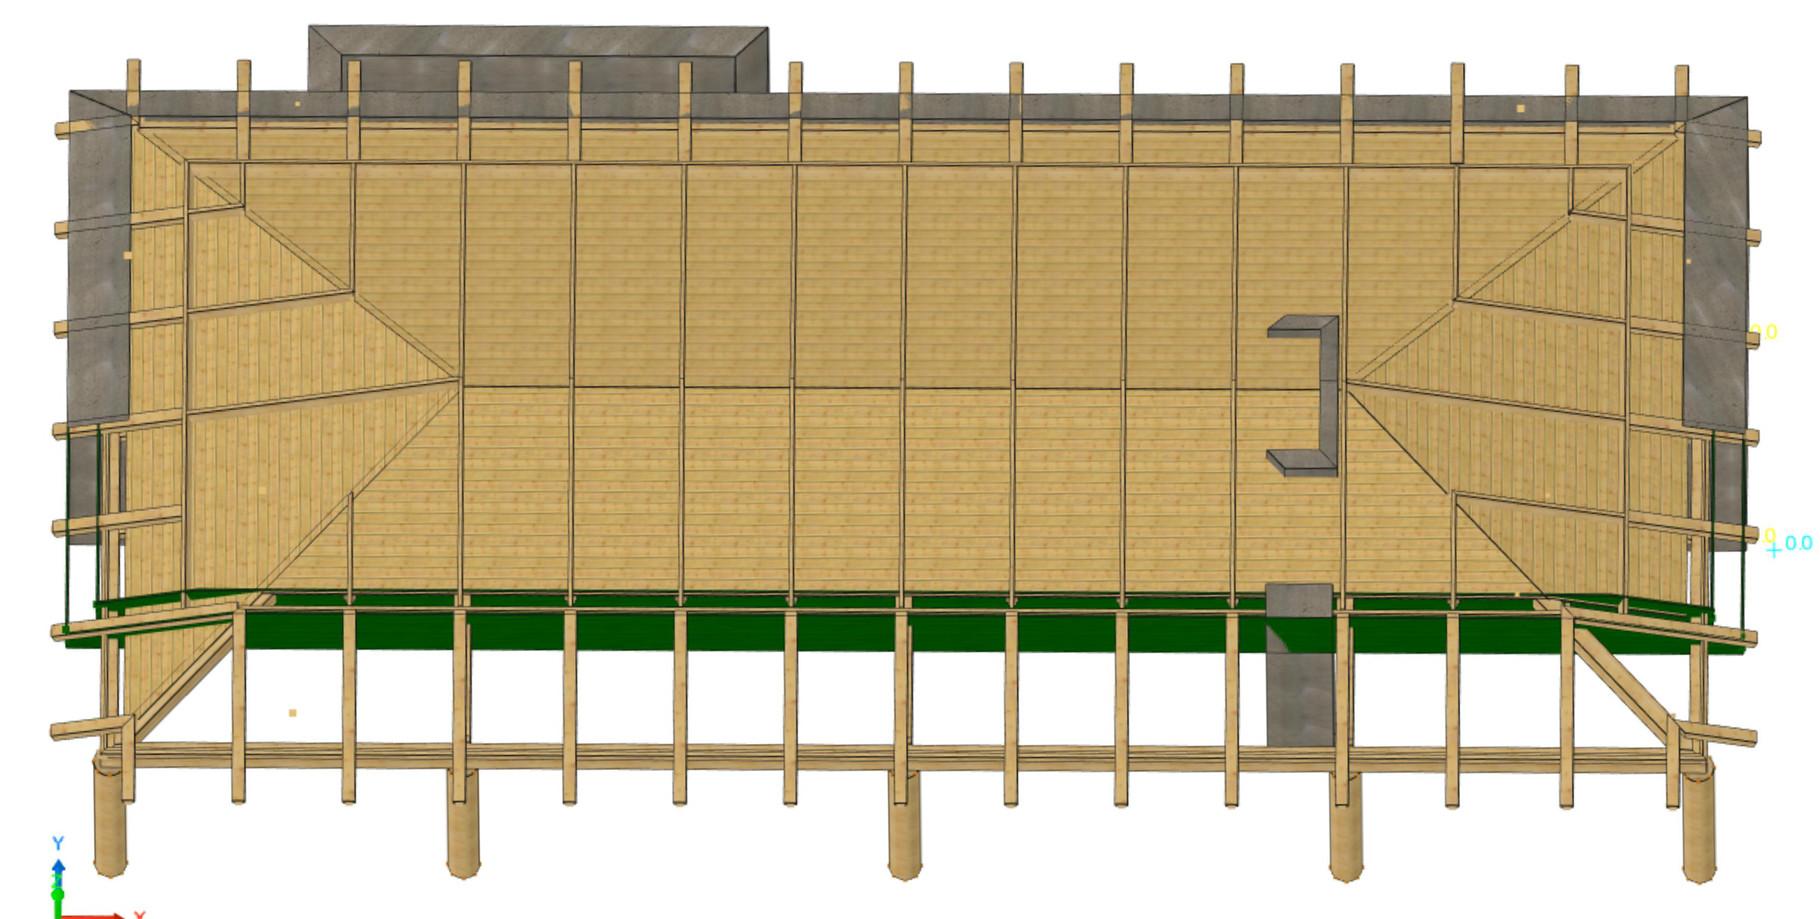 Volige bois du nord épicea 21x135 et 21x100 mi bois de 12mm